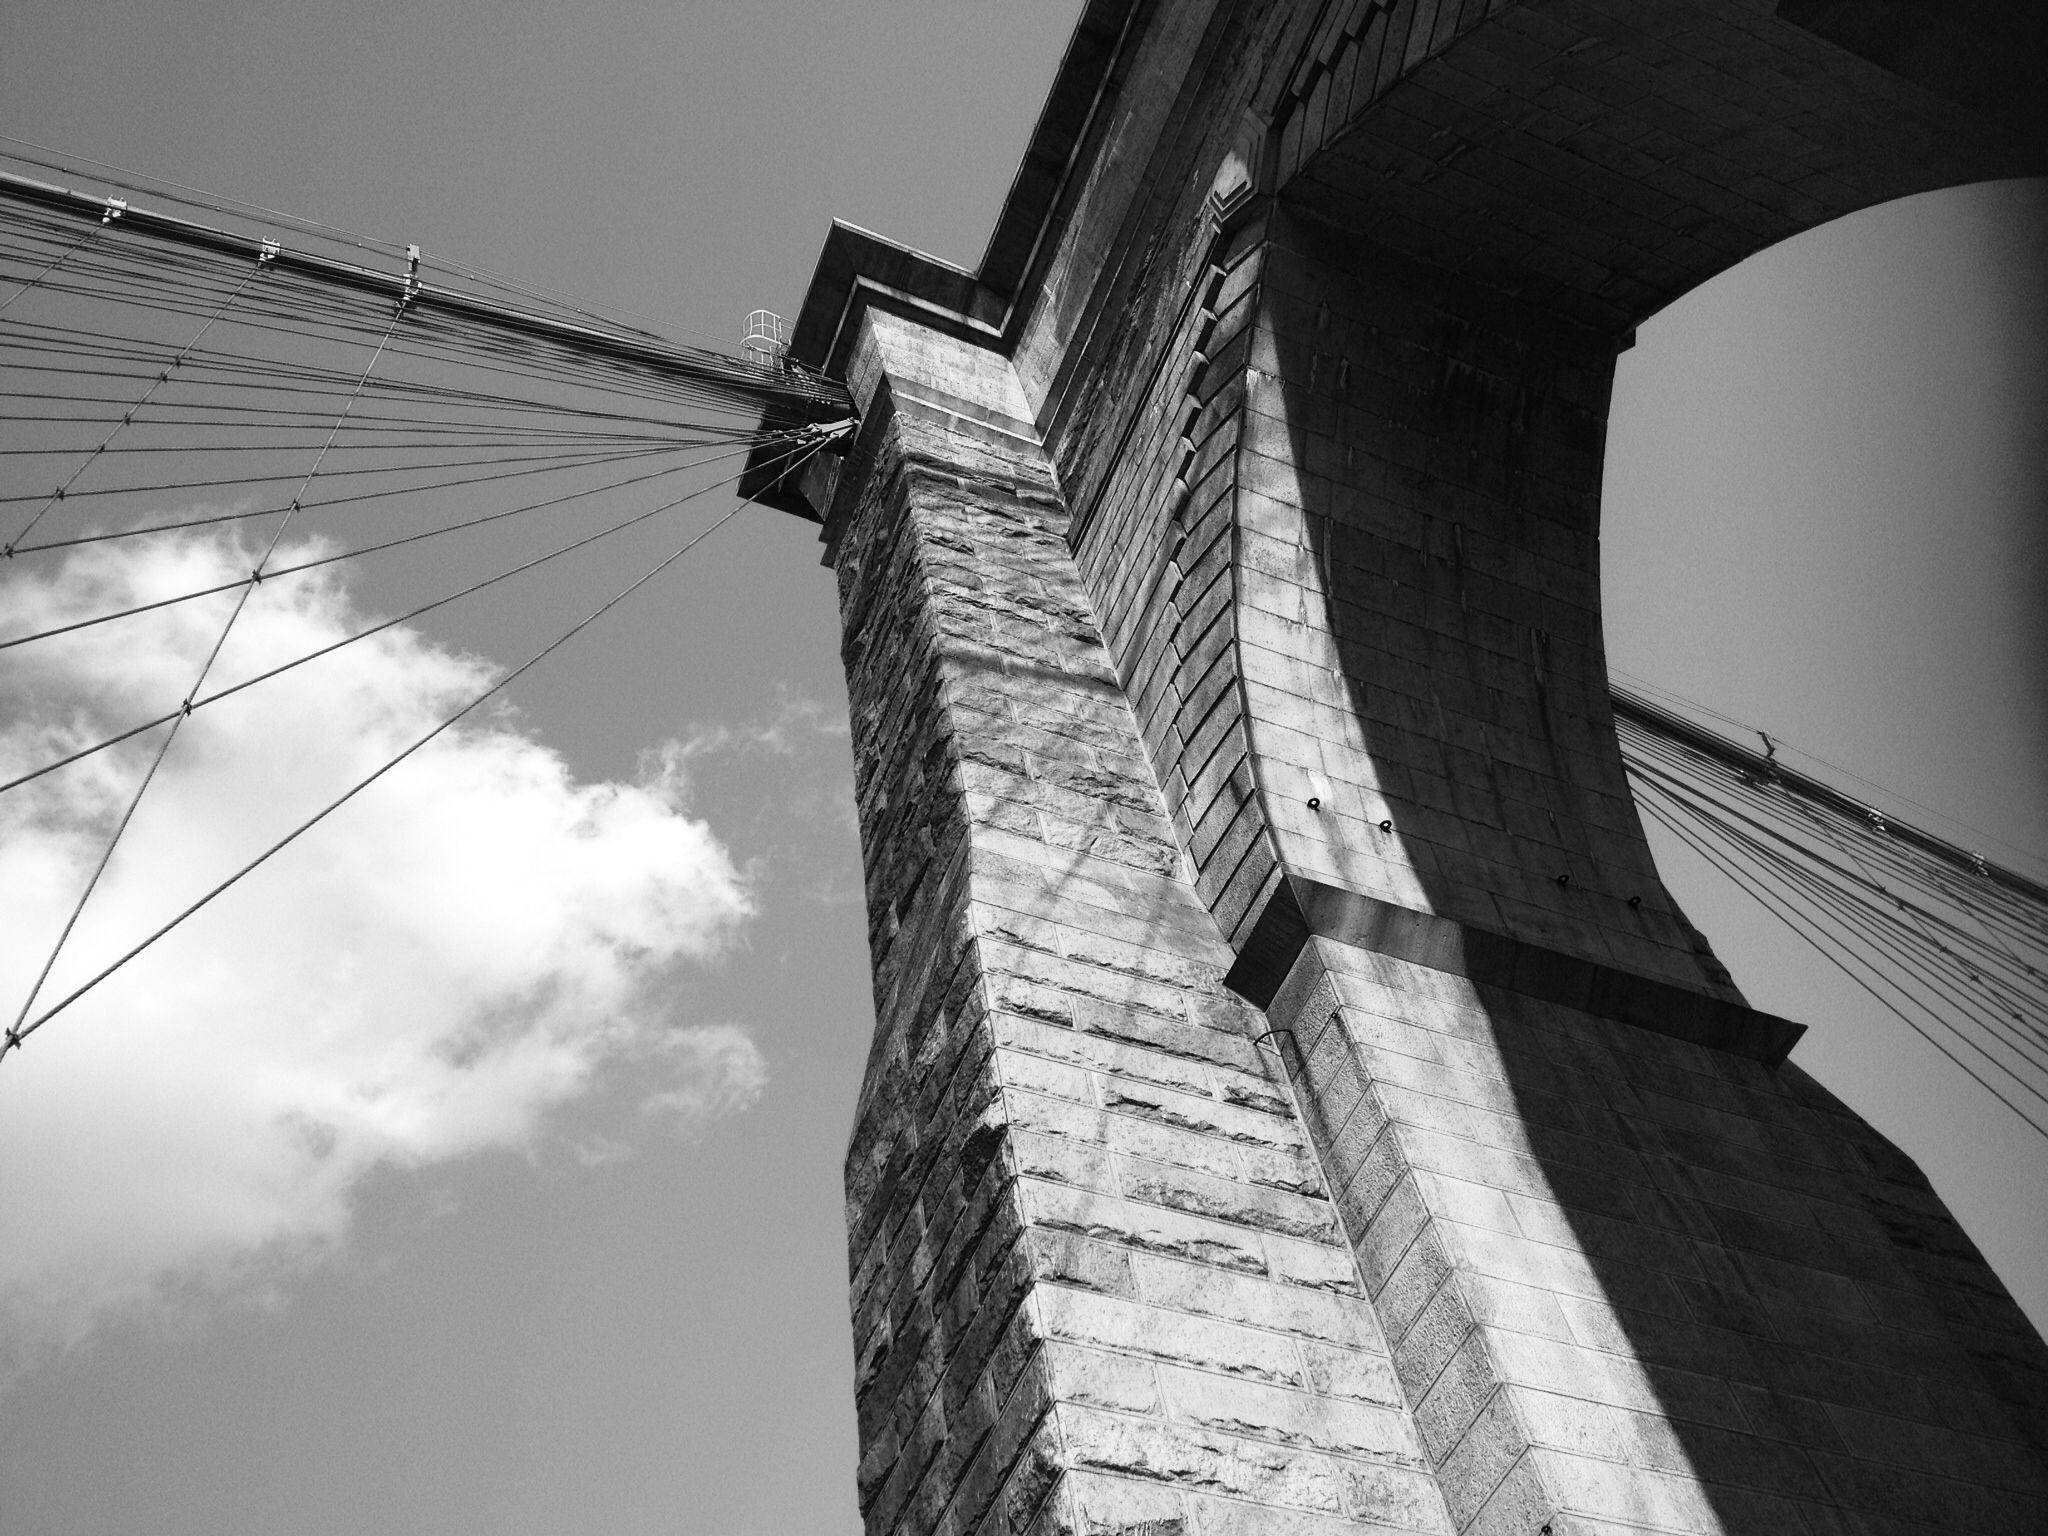 Puente de Brooklyn - New York